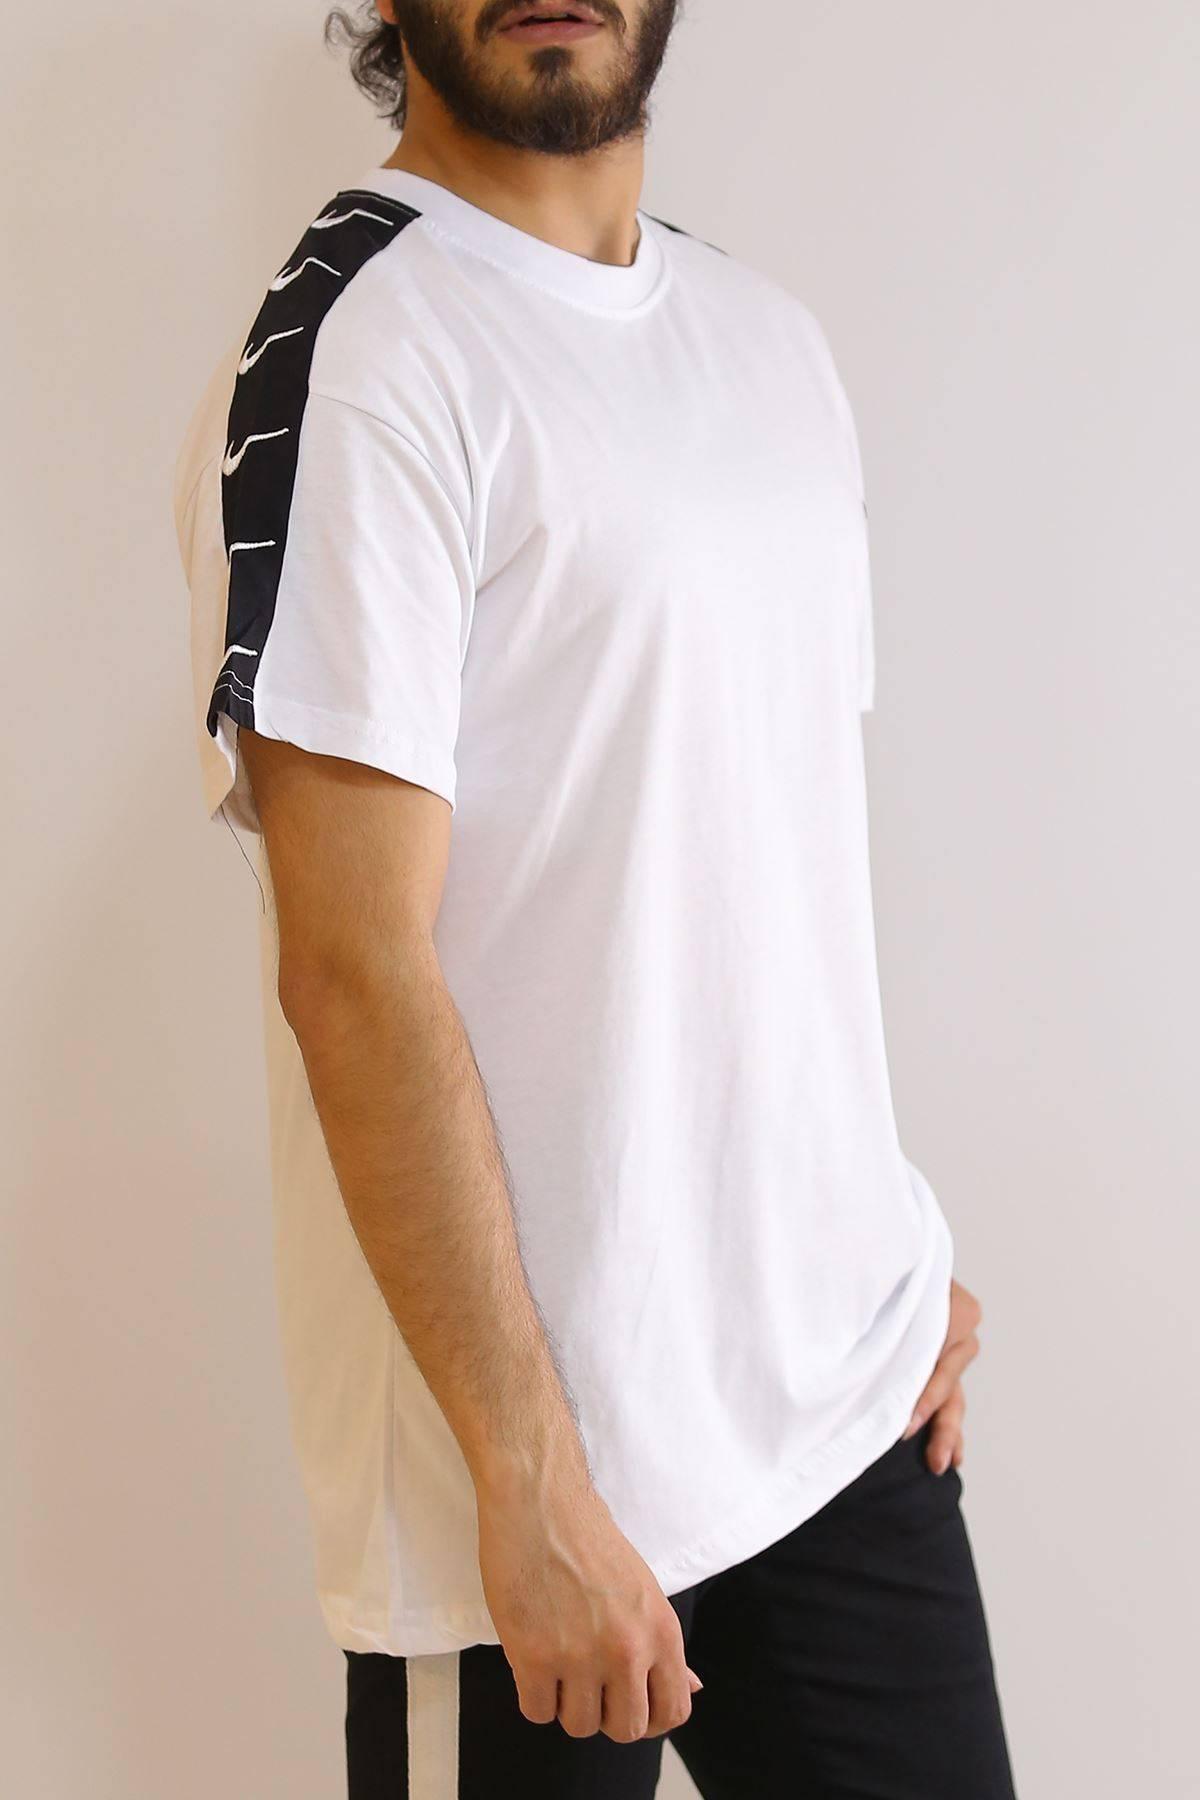 Kol Şeritli Tişört Beyaz - 6057.1377.